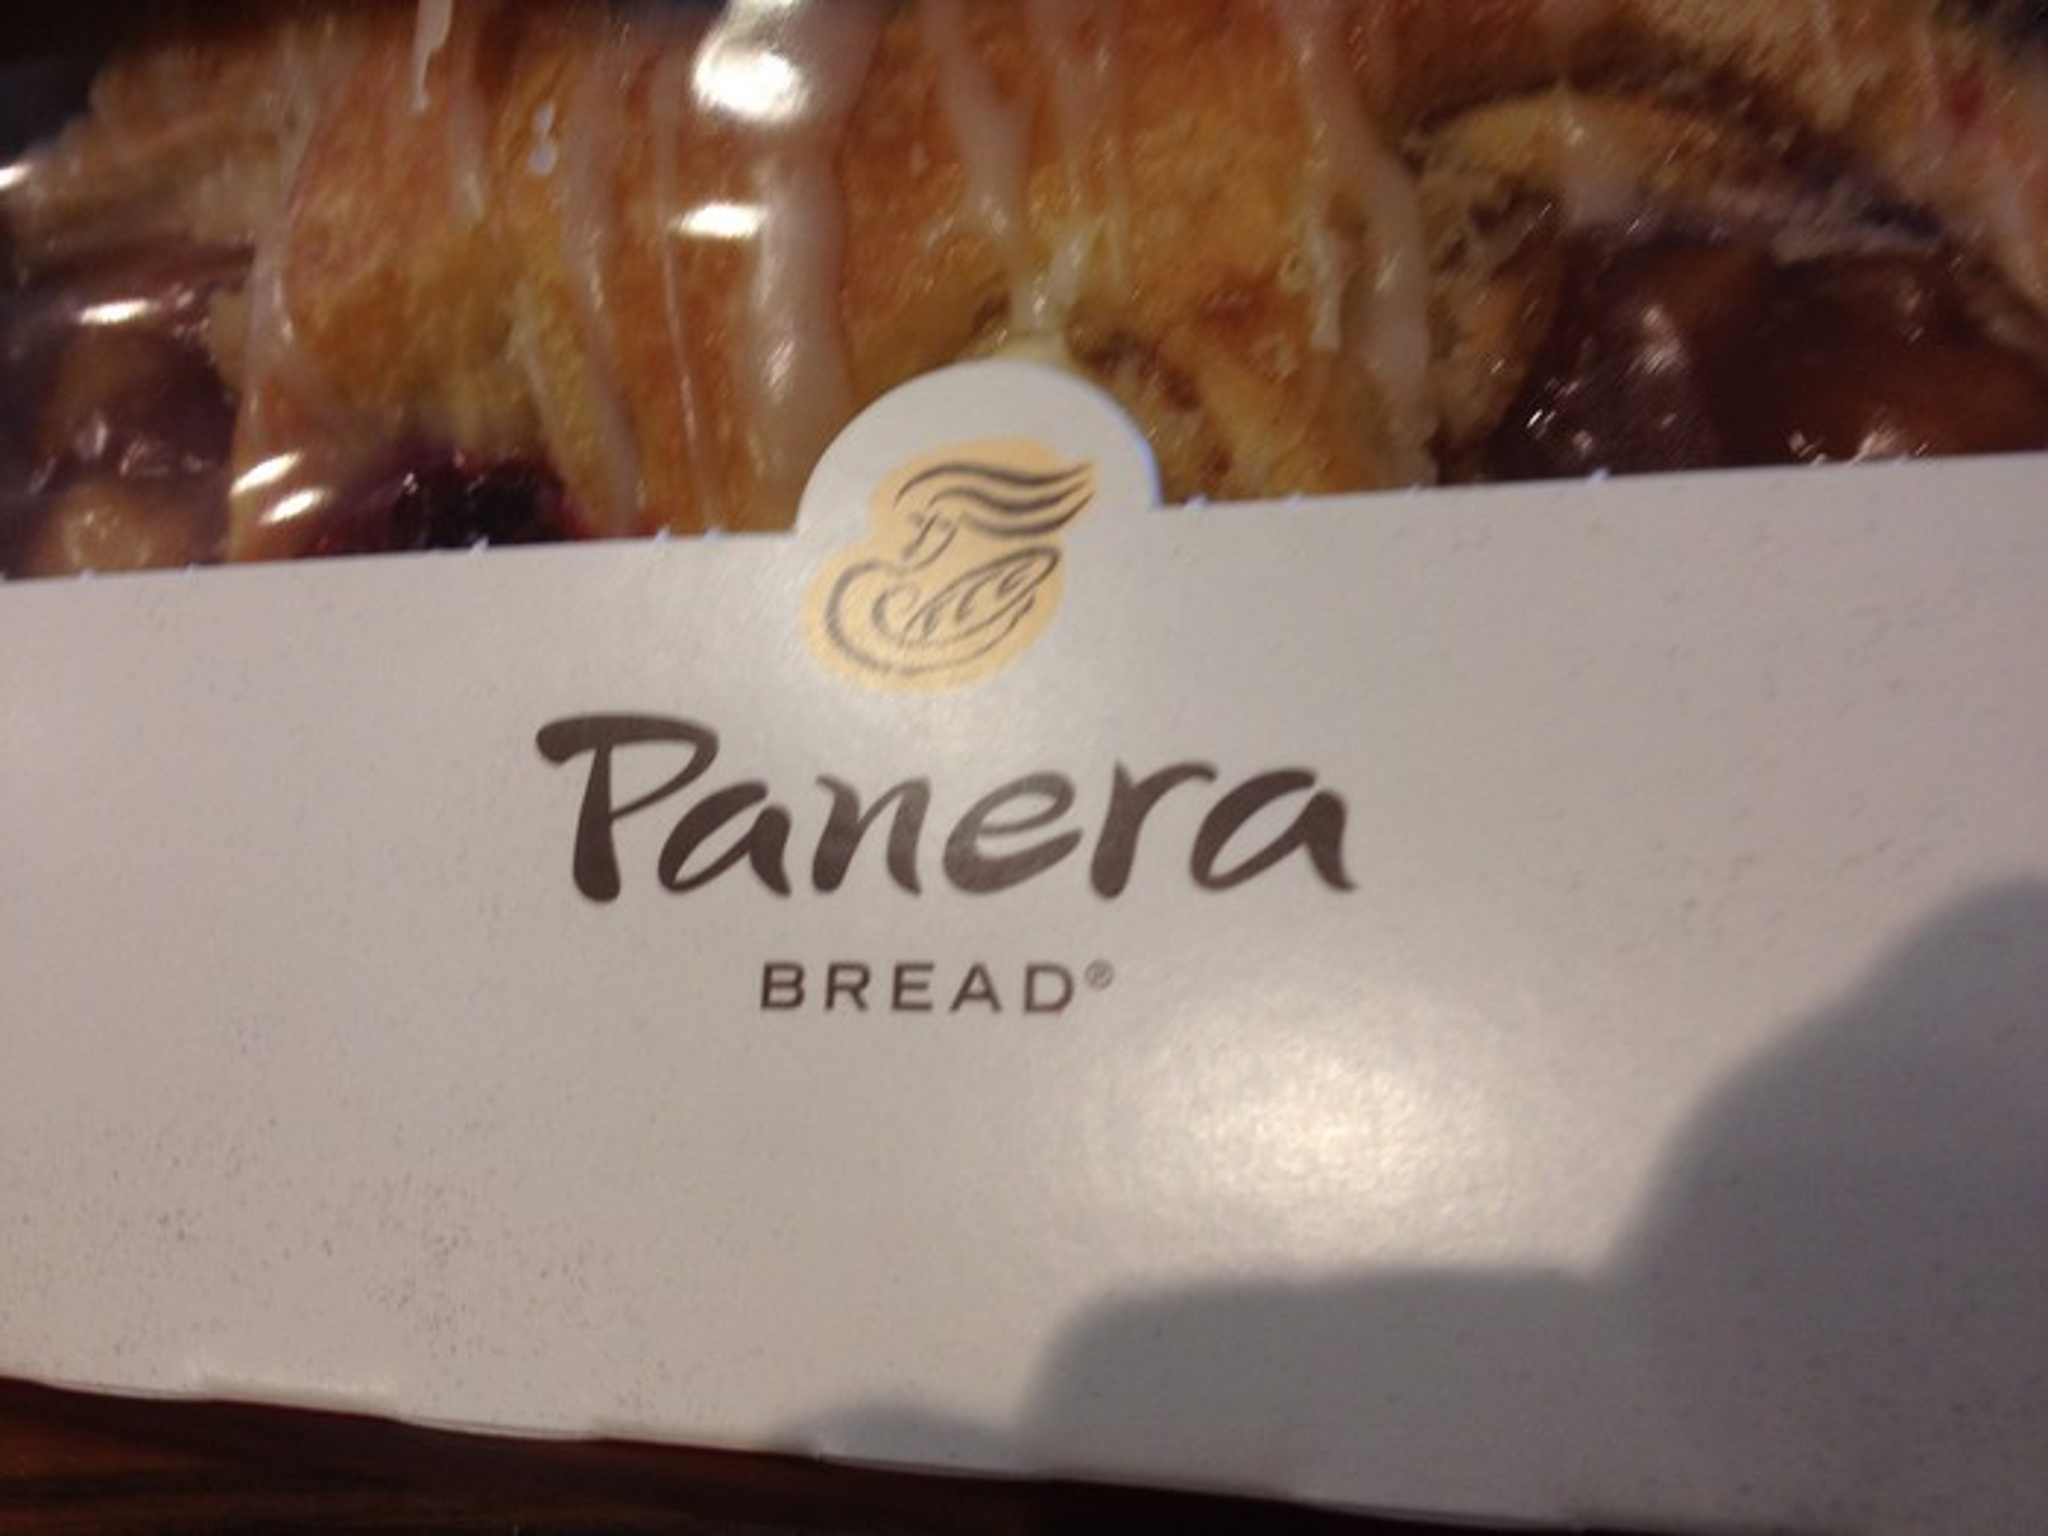 Baked goods at Panera